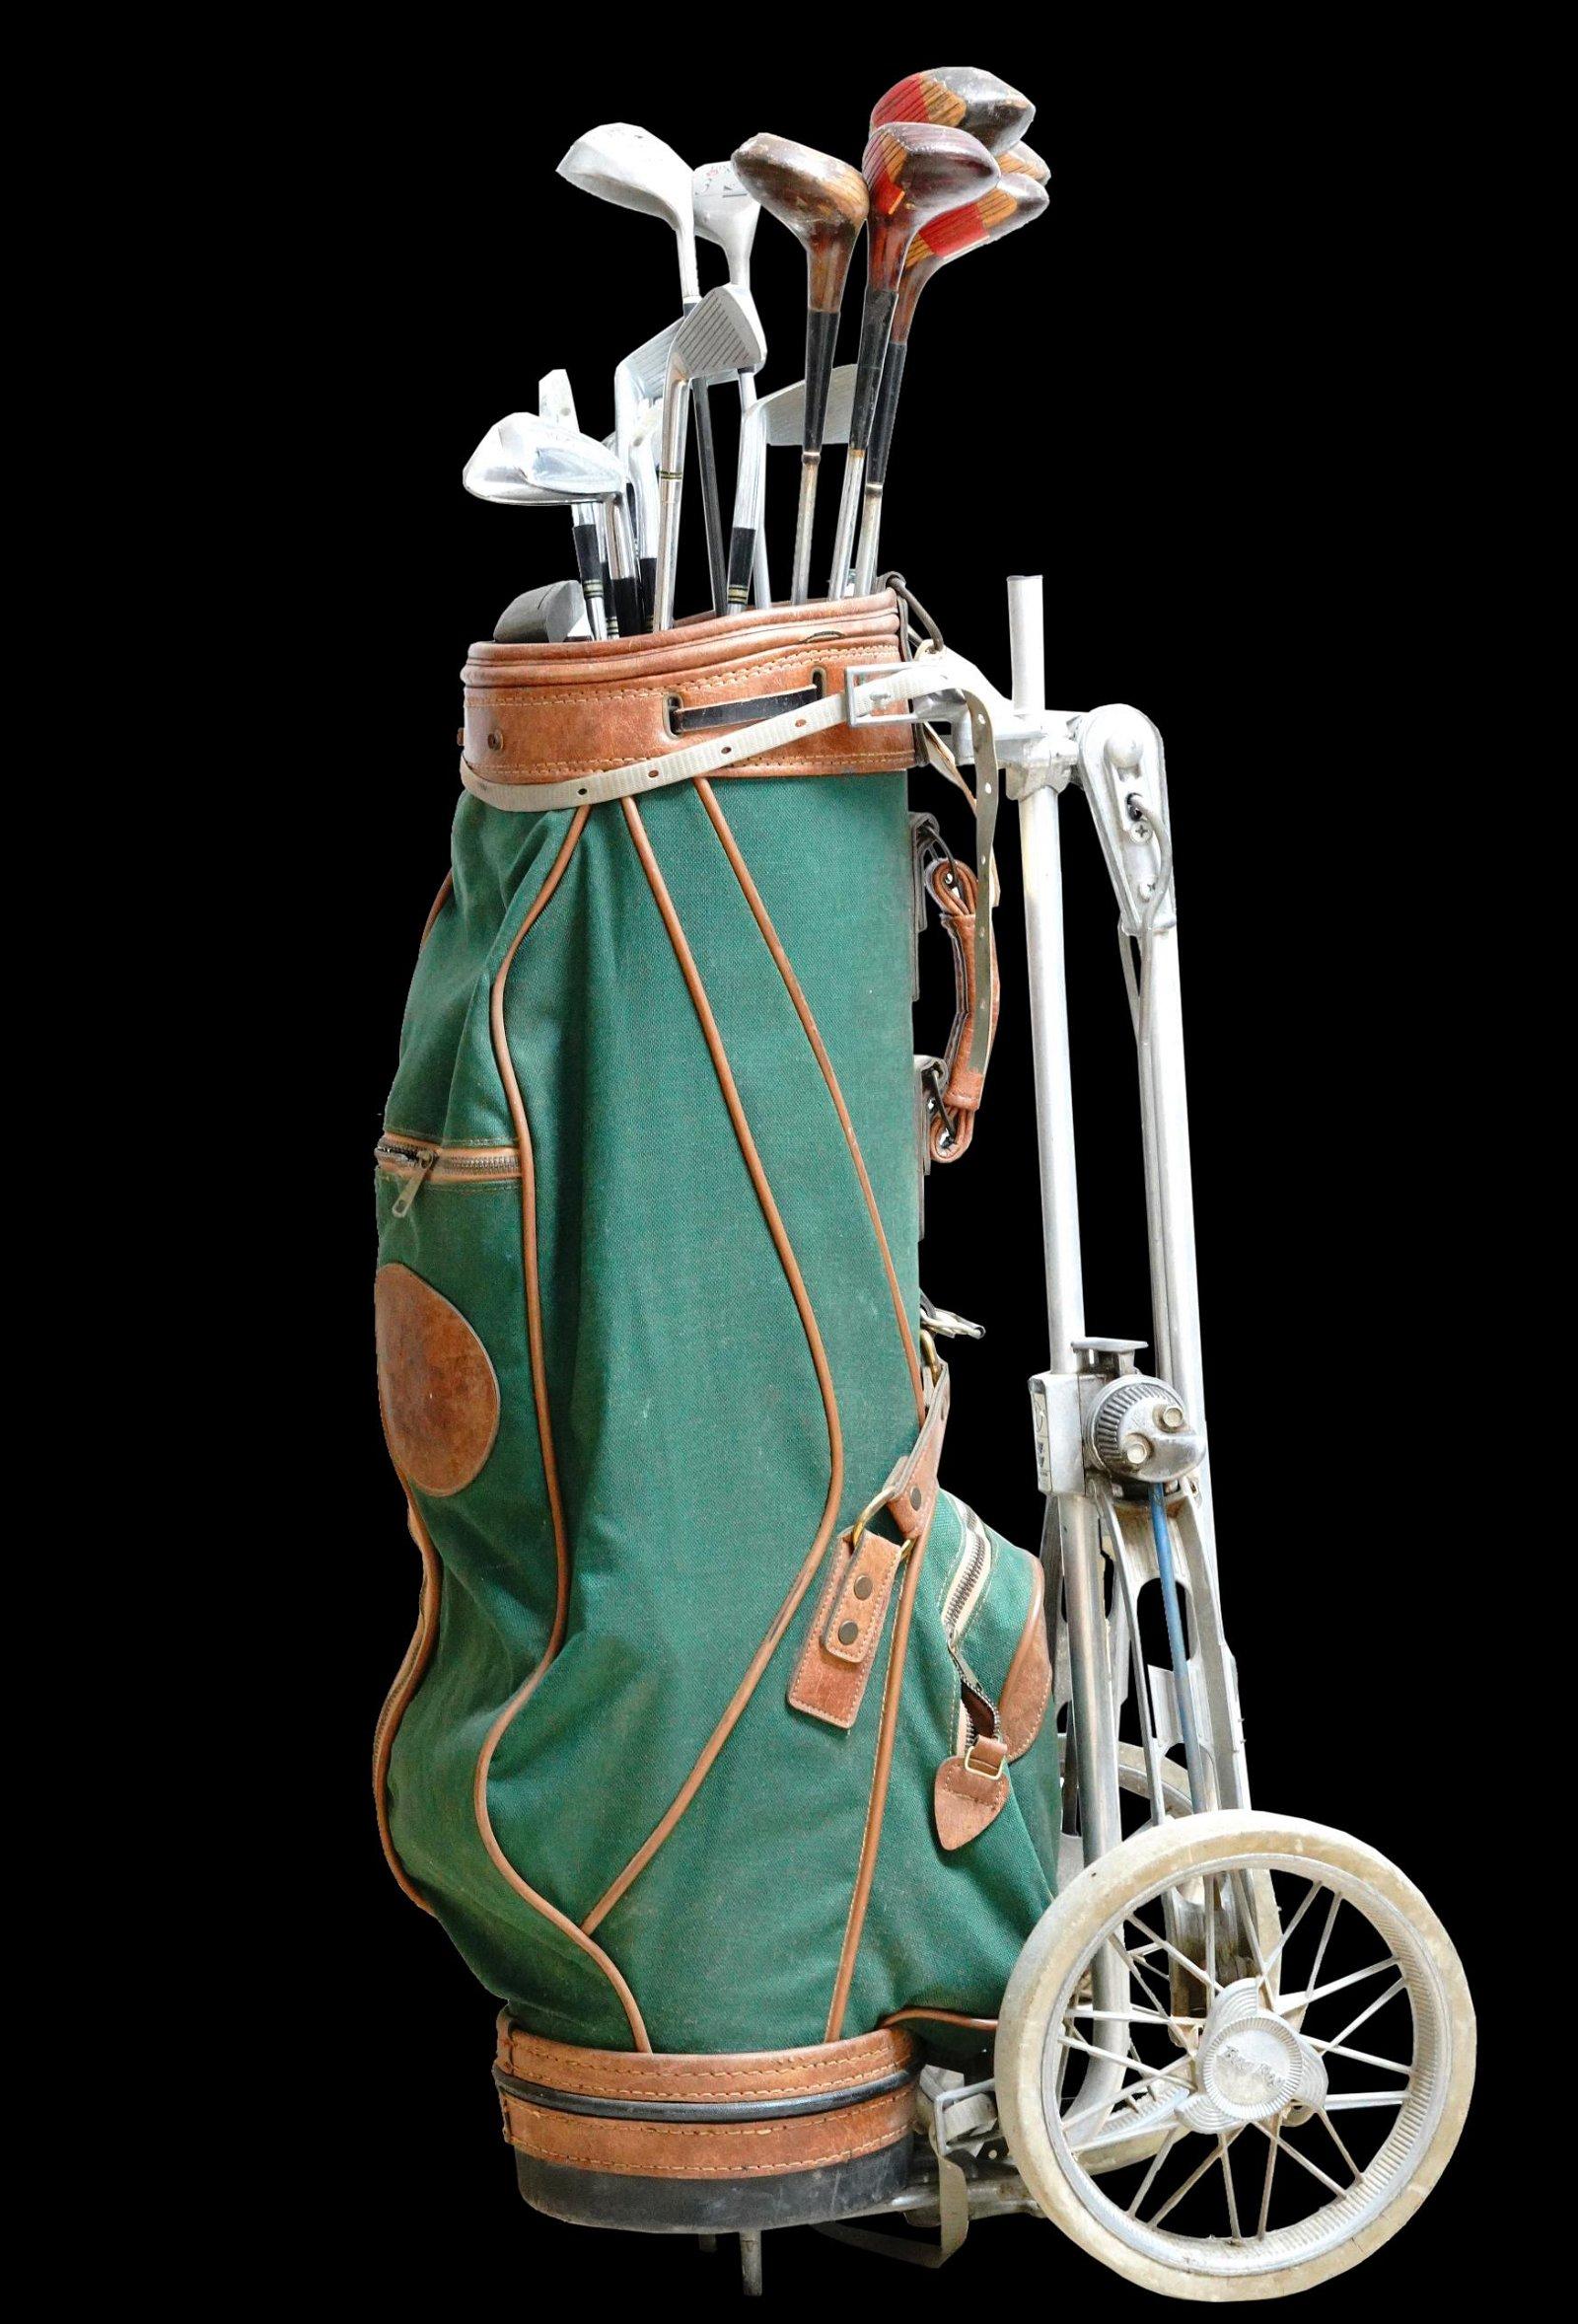 Gene Roddenberry's Golf Clubs, Bag, Pull Cart